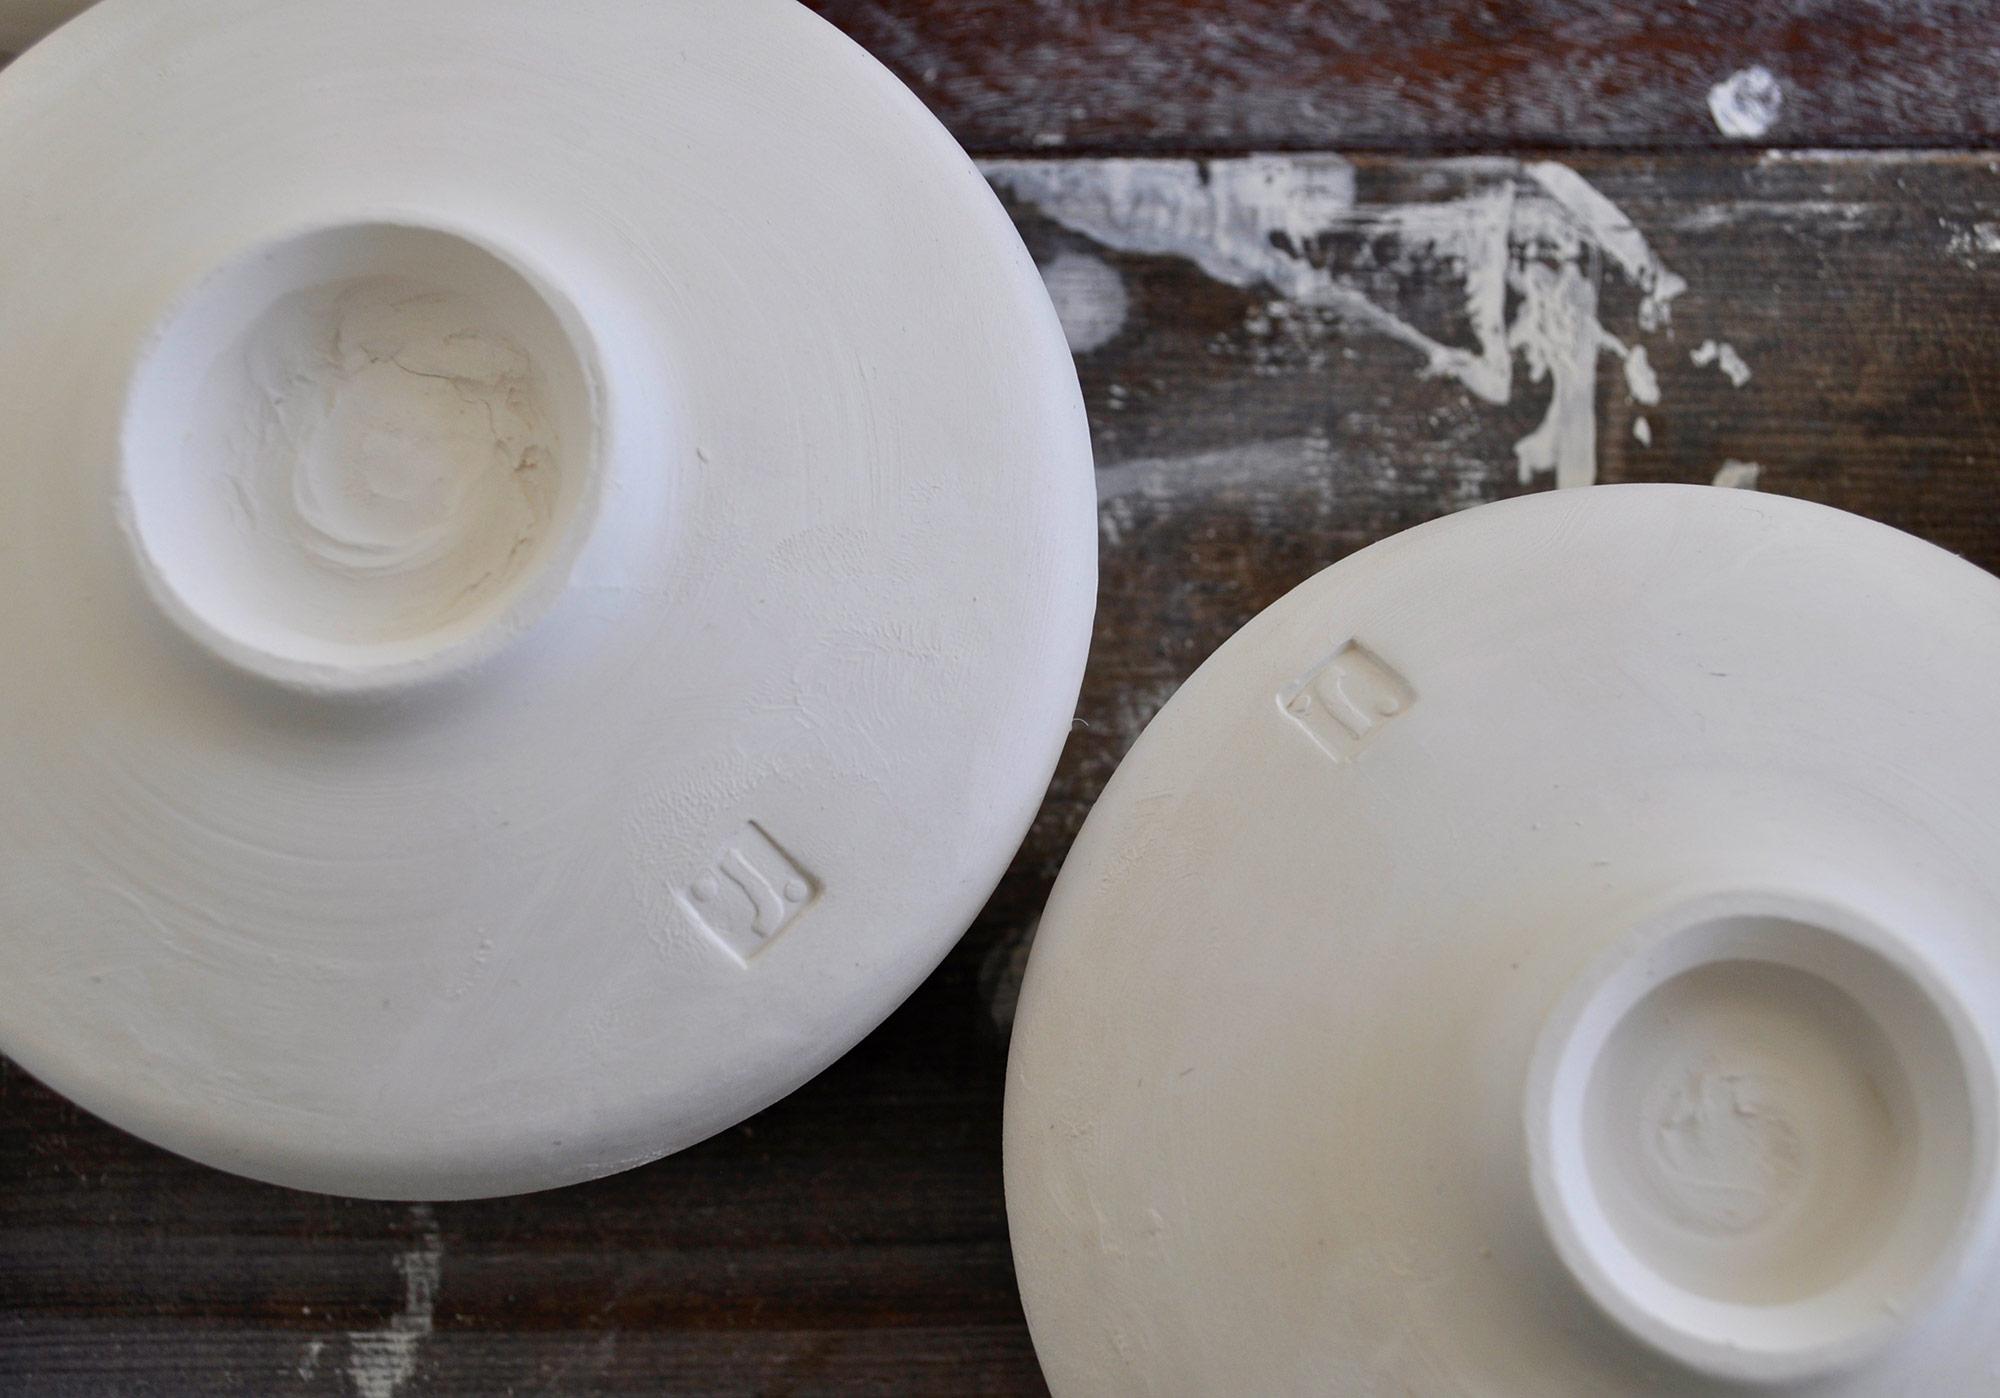 doherty-porcelain-17-Potter's-Mark.jpg